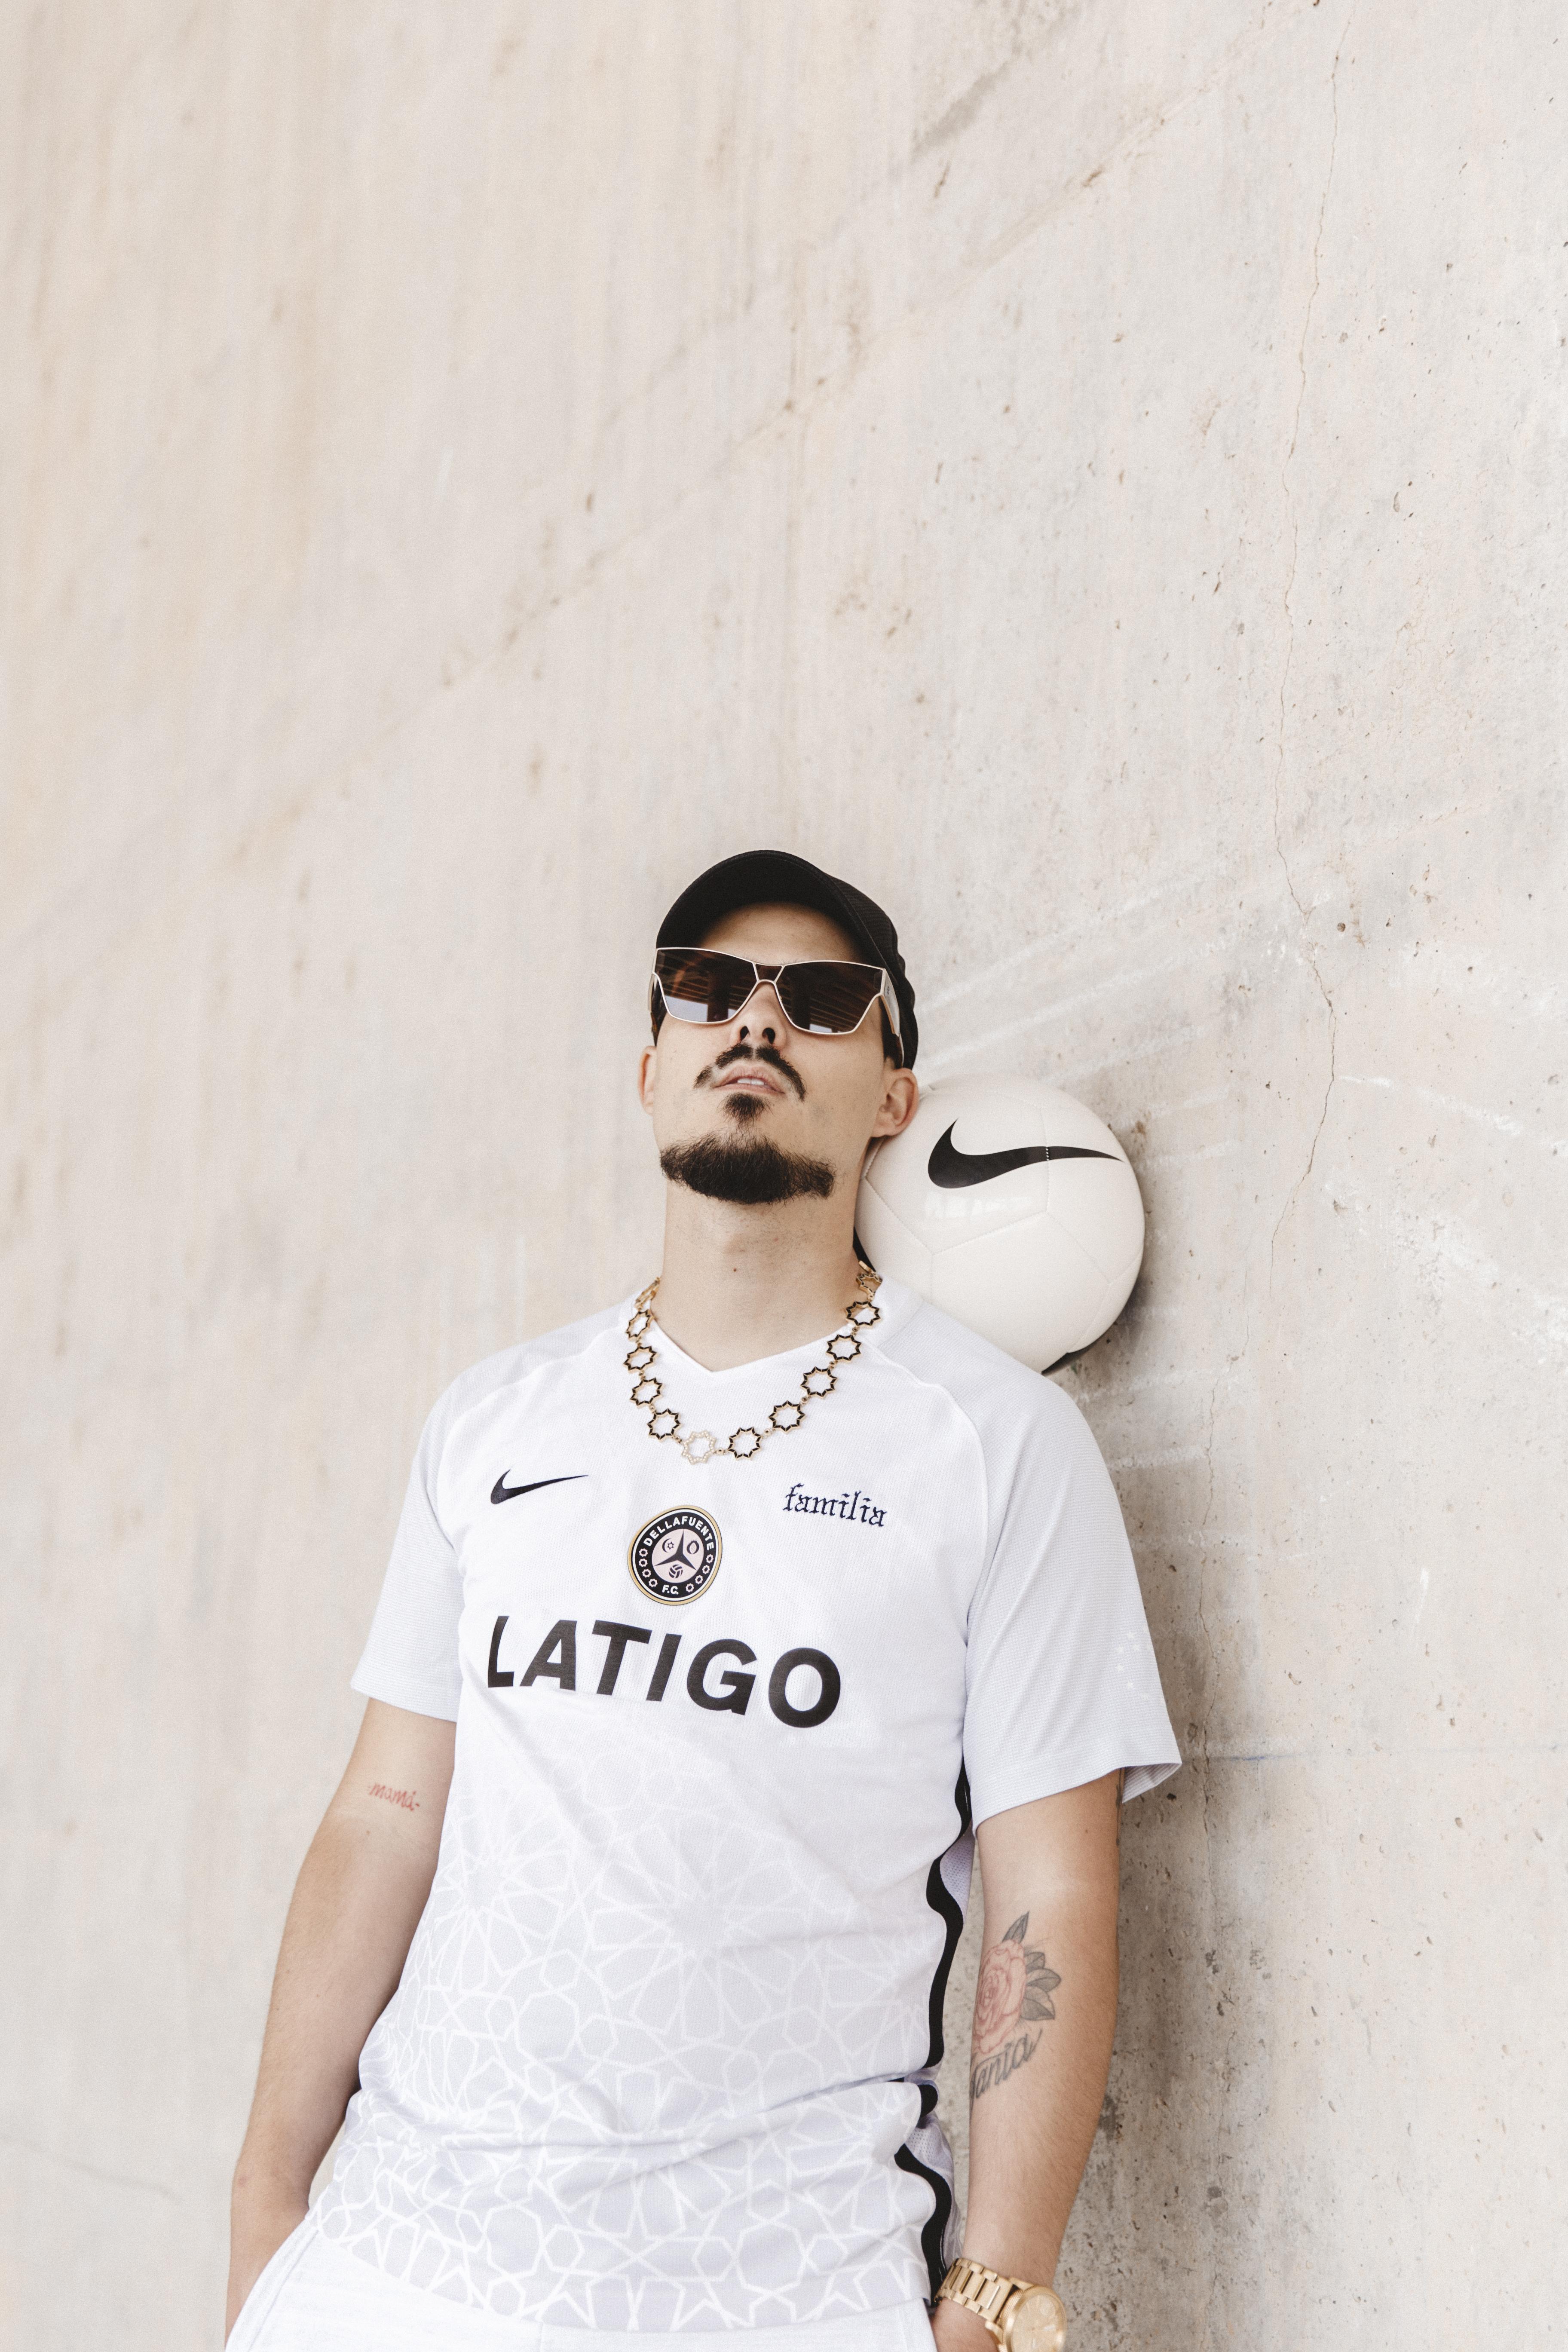 Nike Latigo Y c F Dellafuente Primera Equipación 2018 Presentan rwrRq